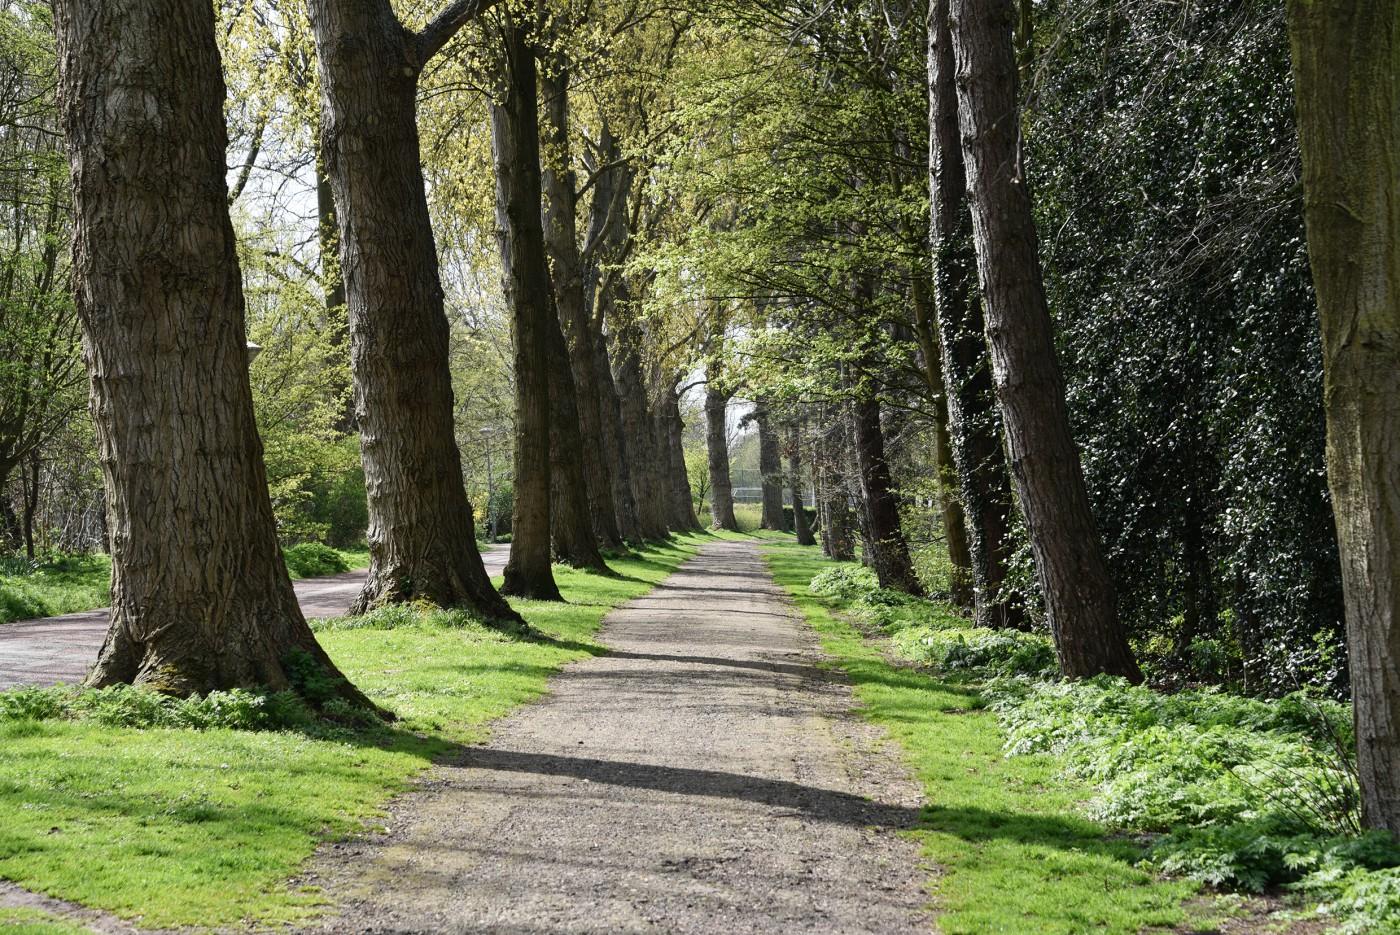 buro-sant-en-co-landschapsarchitectuur-schoterbos-haarlem-stadspark-ecologie-1